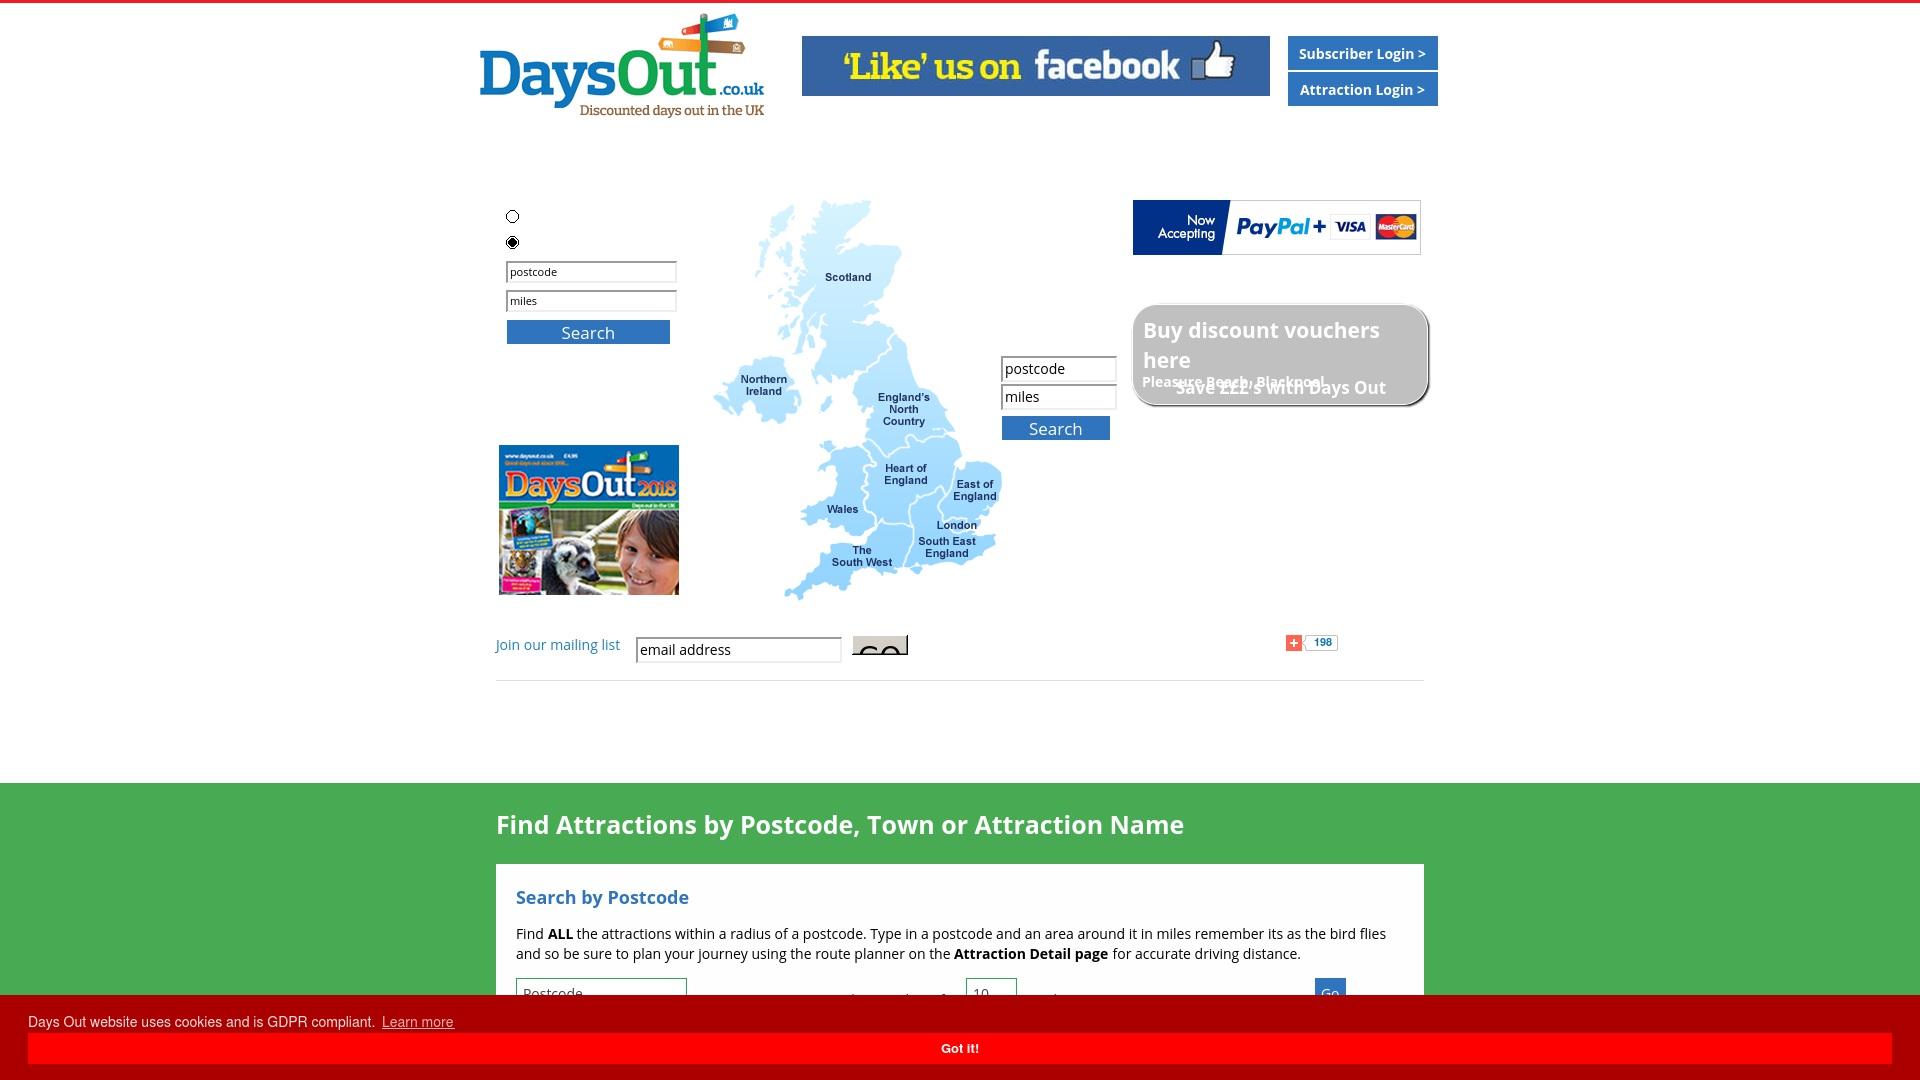 Gutschein für Daysout: Rabatte für  Daysout sichern